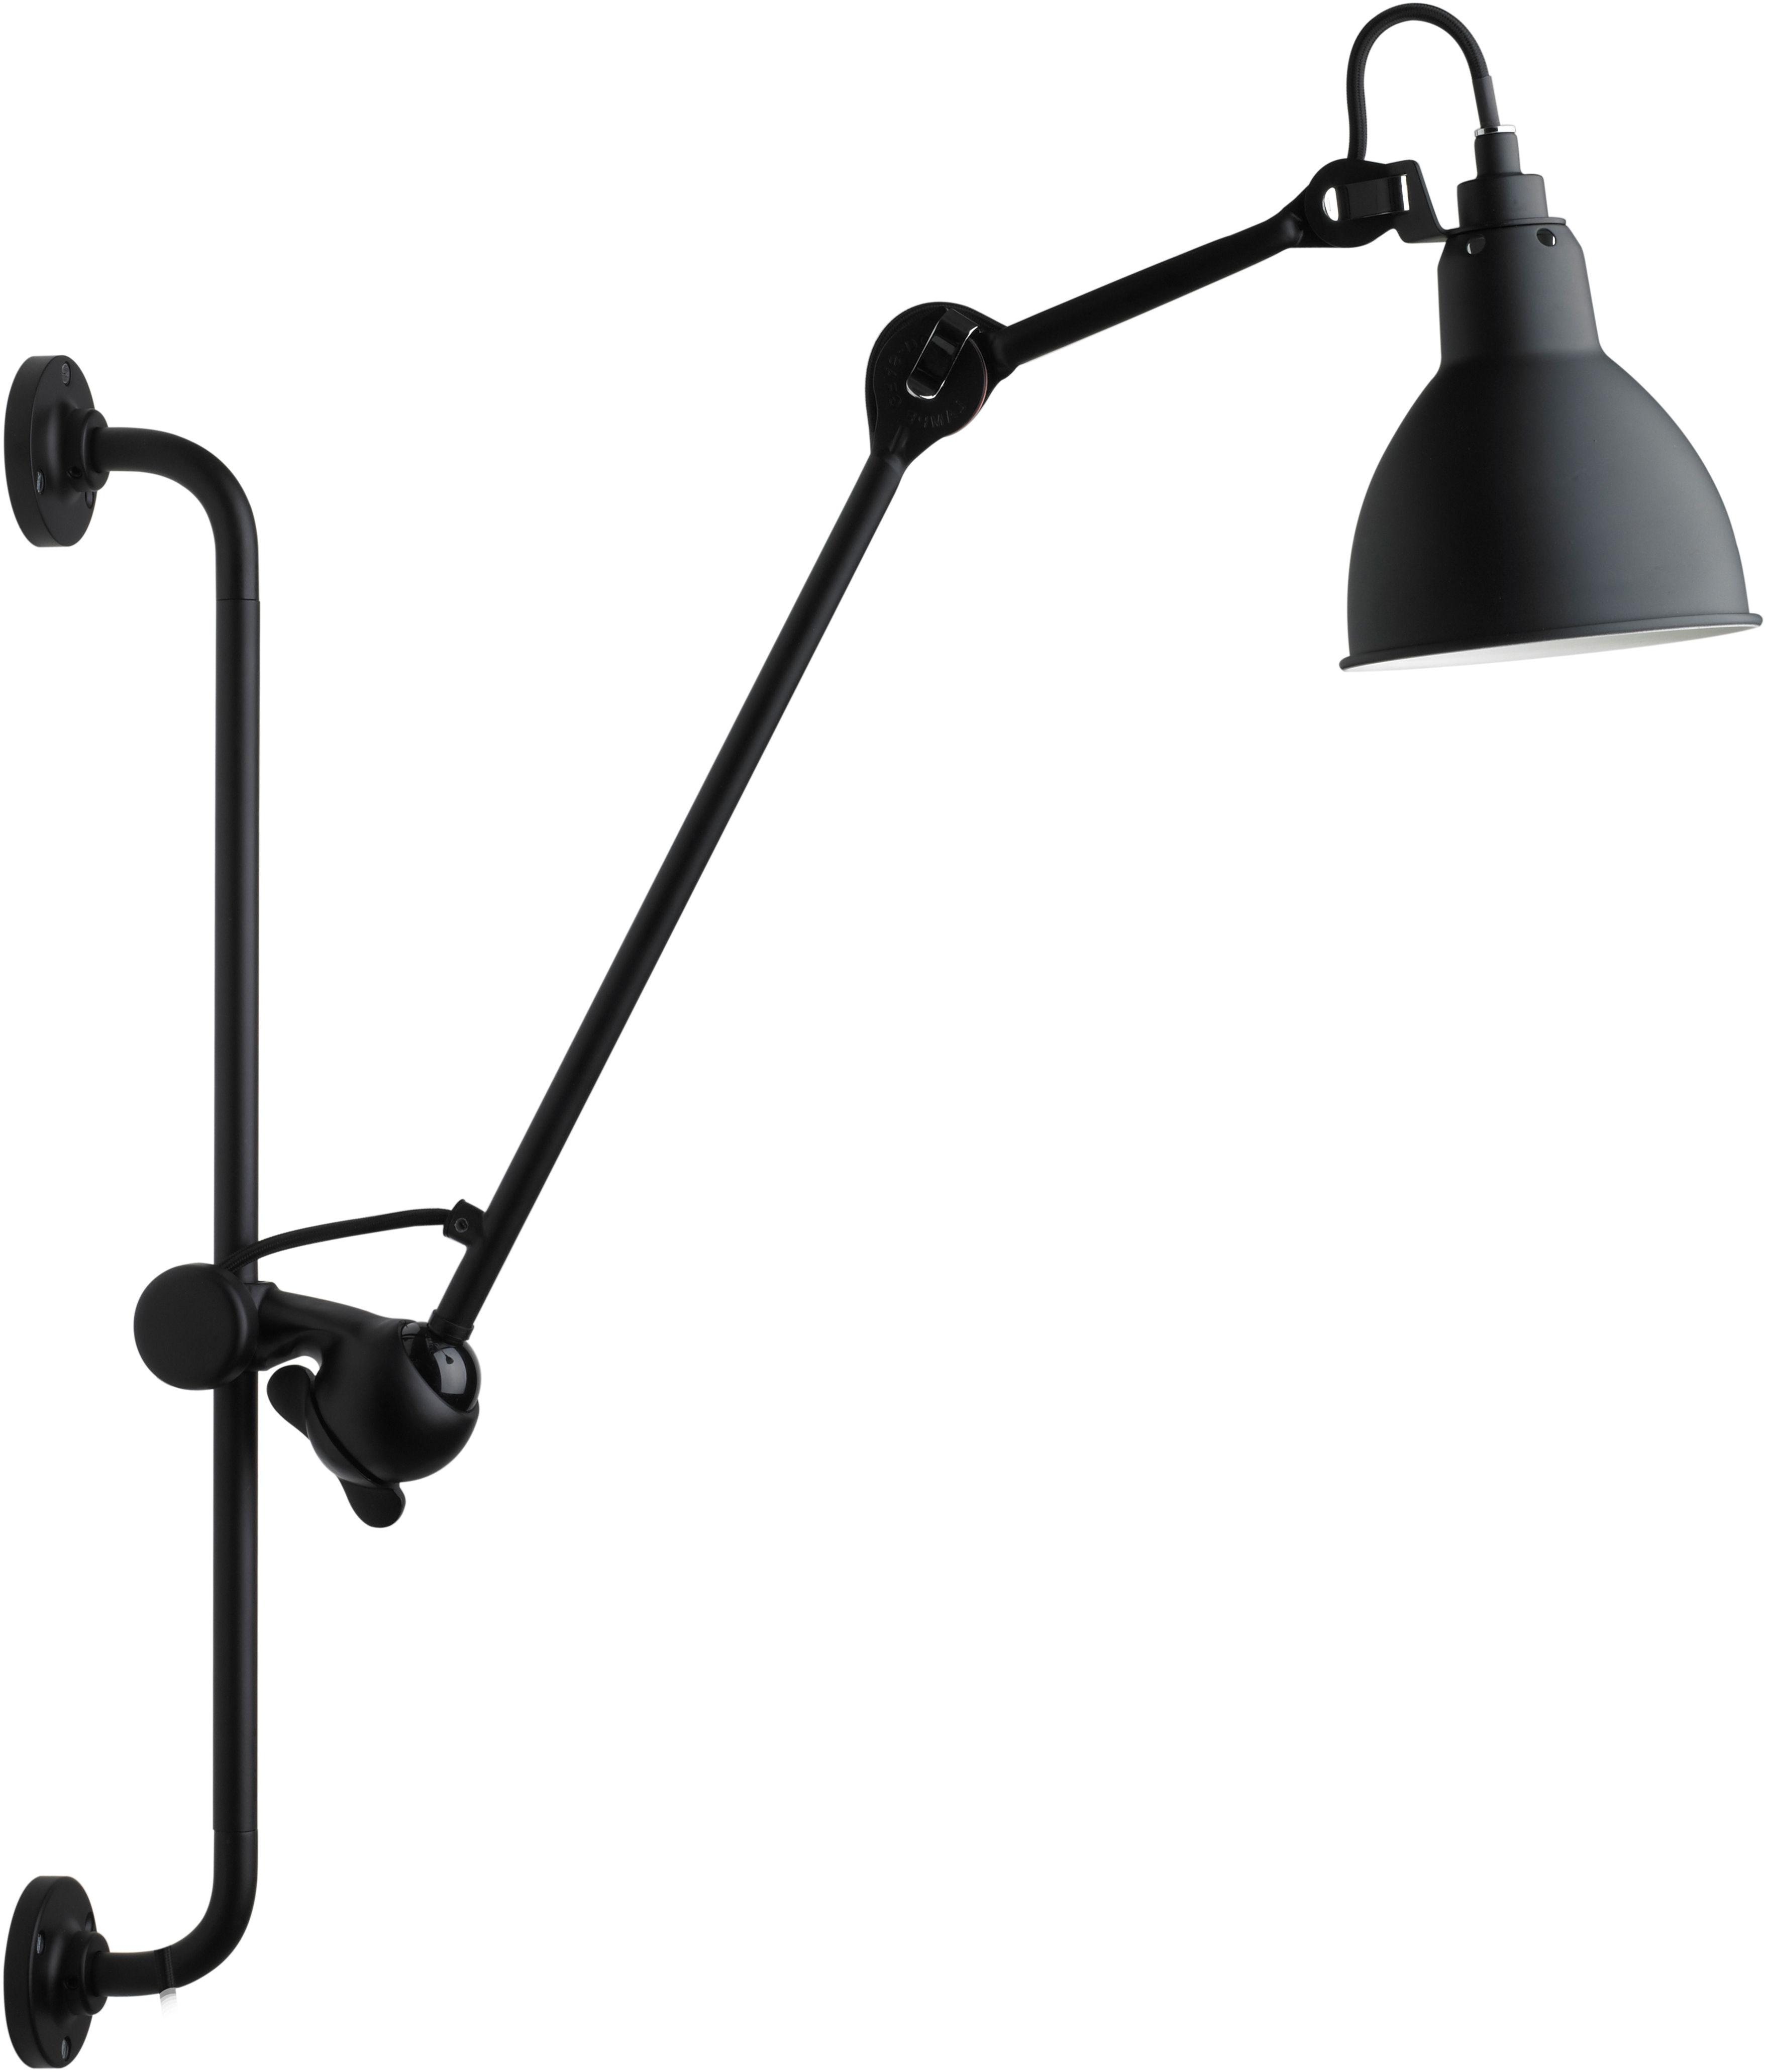 Leuchten - Wandleuchten - N°210 Wandleuchte mit Stromkabel - DCW éditions - Schwarz-matt (satiniert) - Stahl